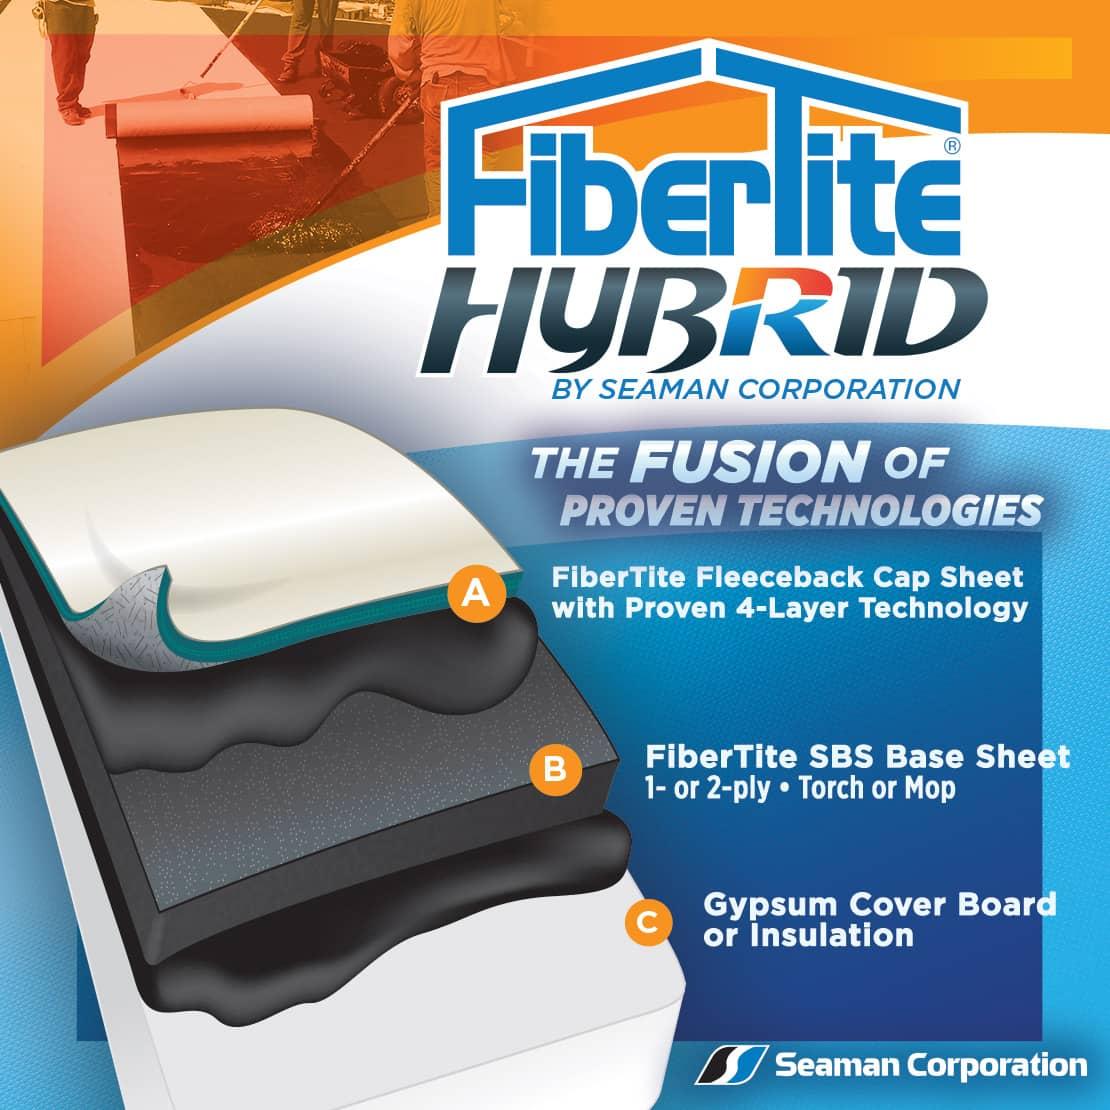 hybrid_panel_v2.jpg